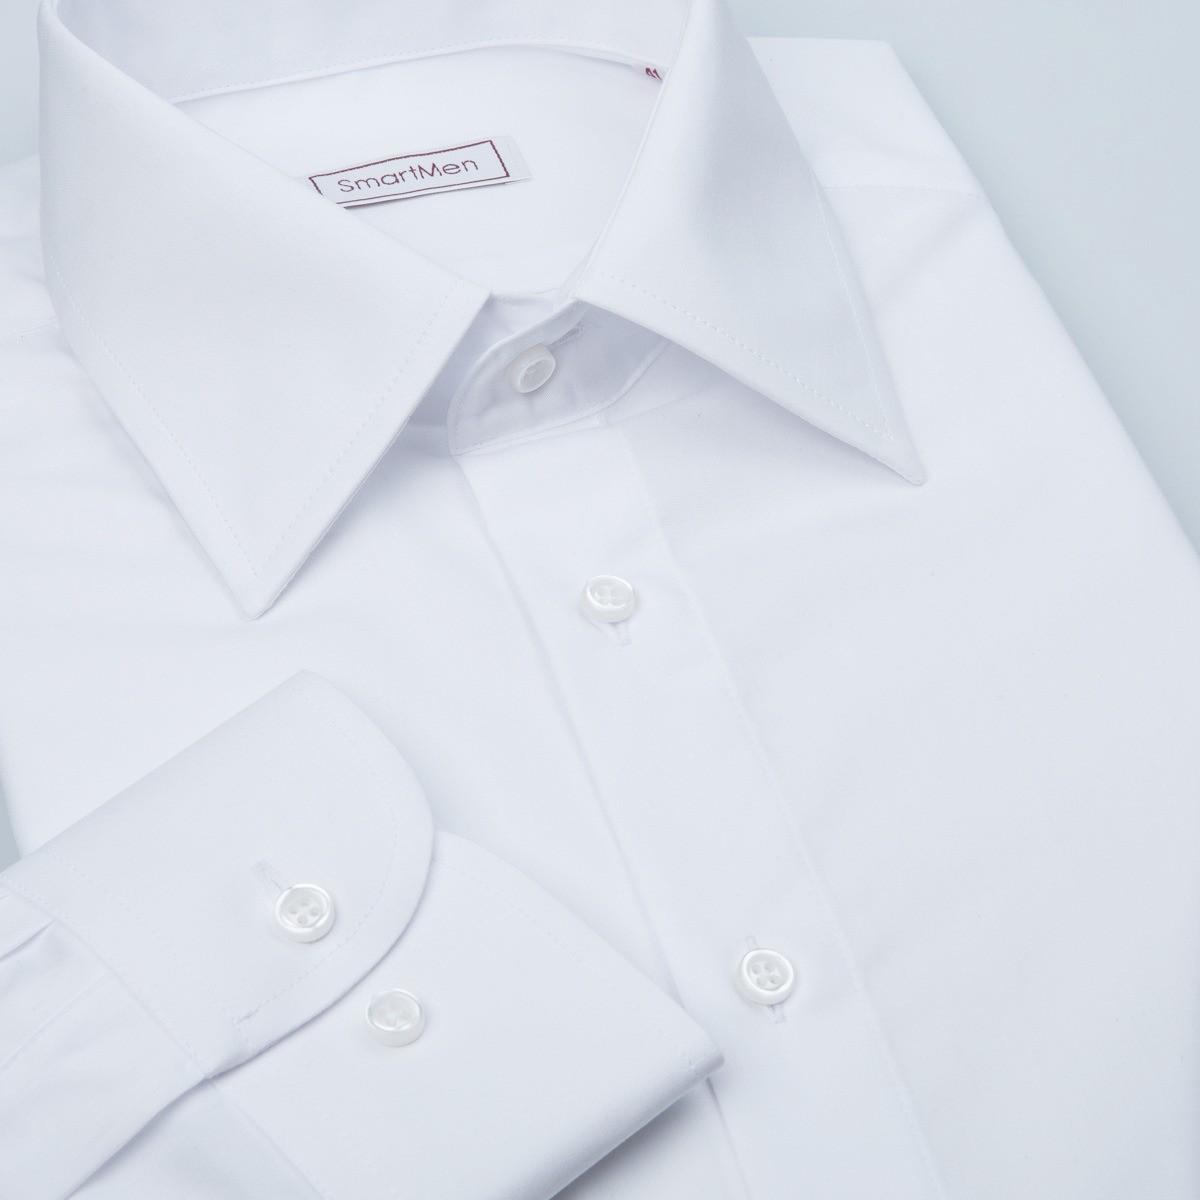 94188fa7e106 Čisto biela pánska košeľa dlhý rukáv Non Iron